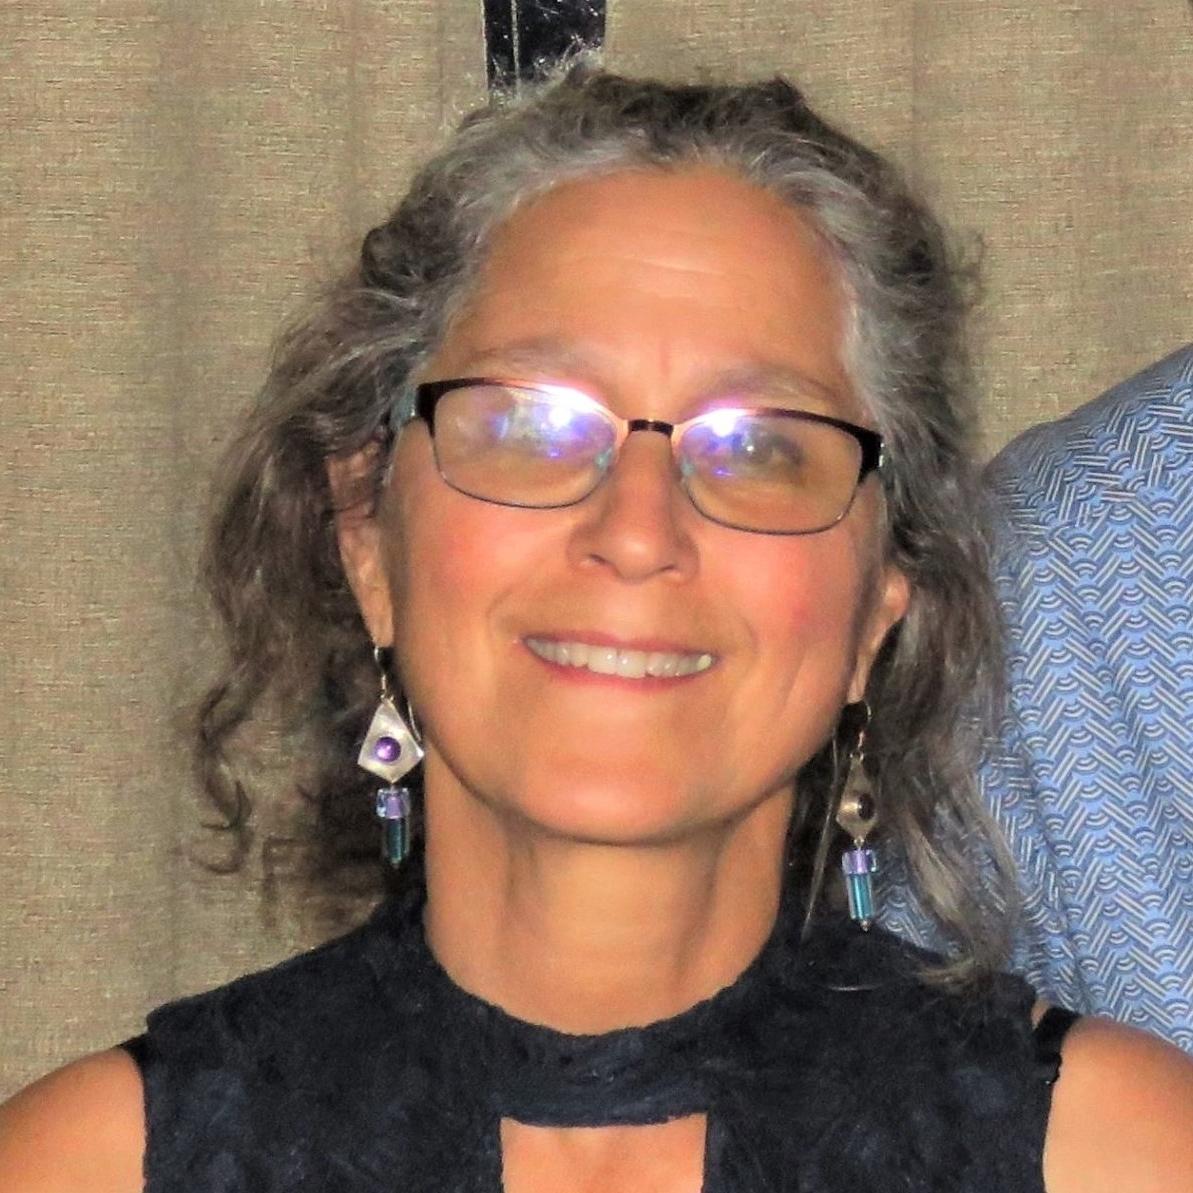 Jill M. Belsky/